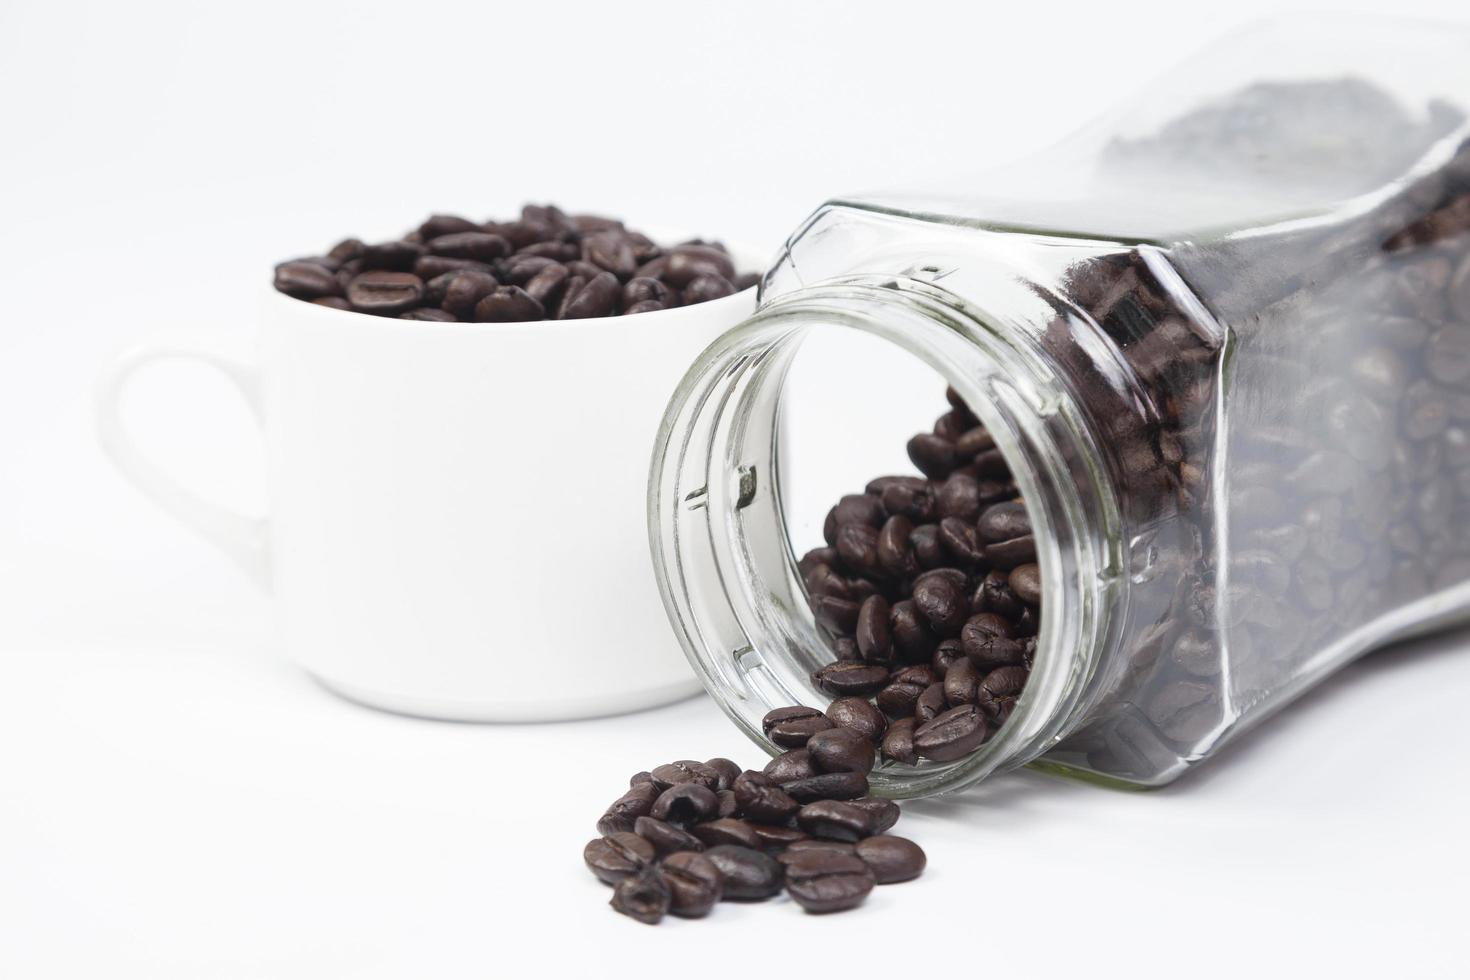 tazza con chicchi di caffè su sfondo bianco foto